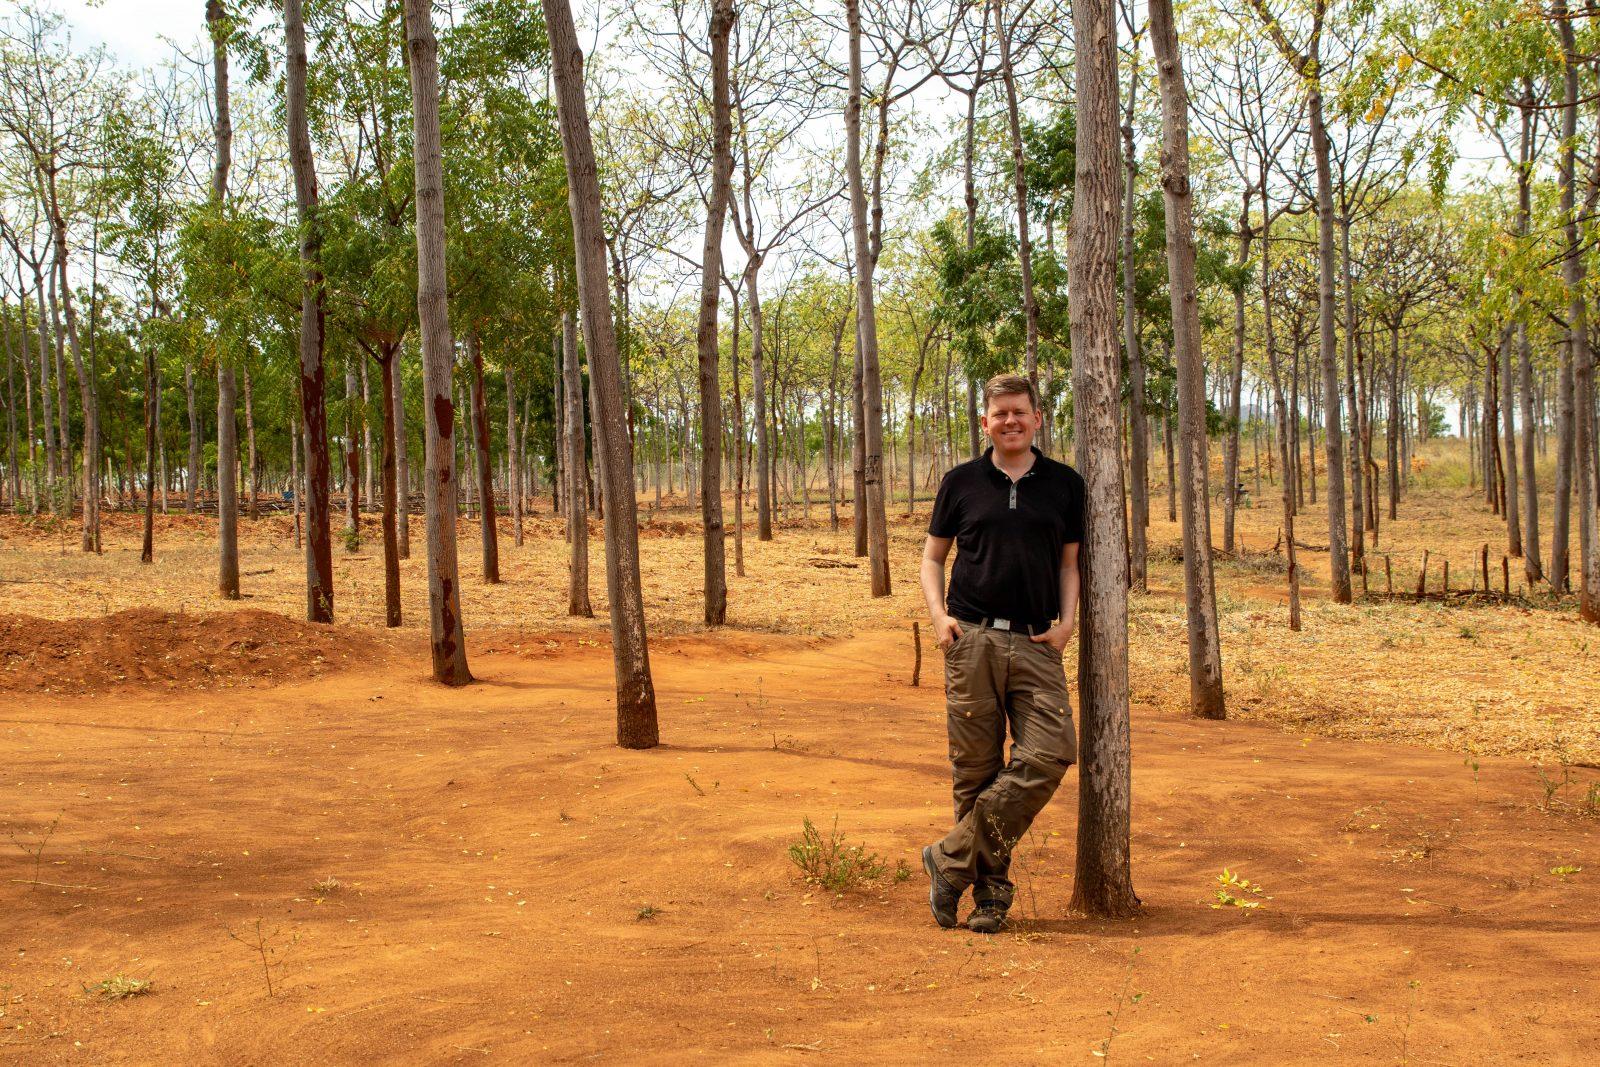 Rader av Mukau-träd framför plantskolan i bakgrunden vid Kiambere-plantagen. Notera den torra röda sanden som träden växer i. Den är typisk för den kenyanska semi-öknen.